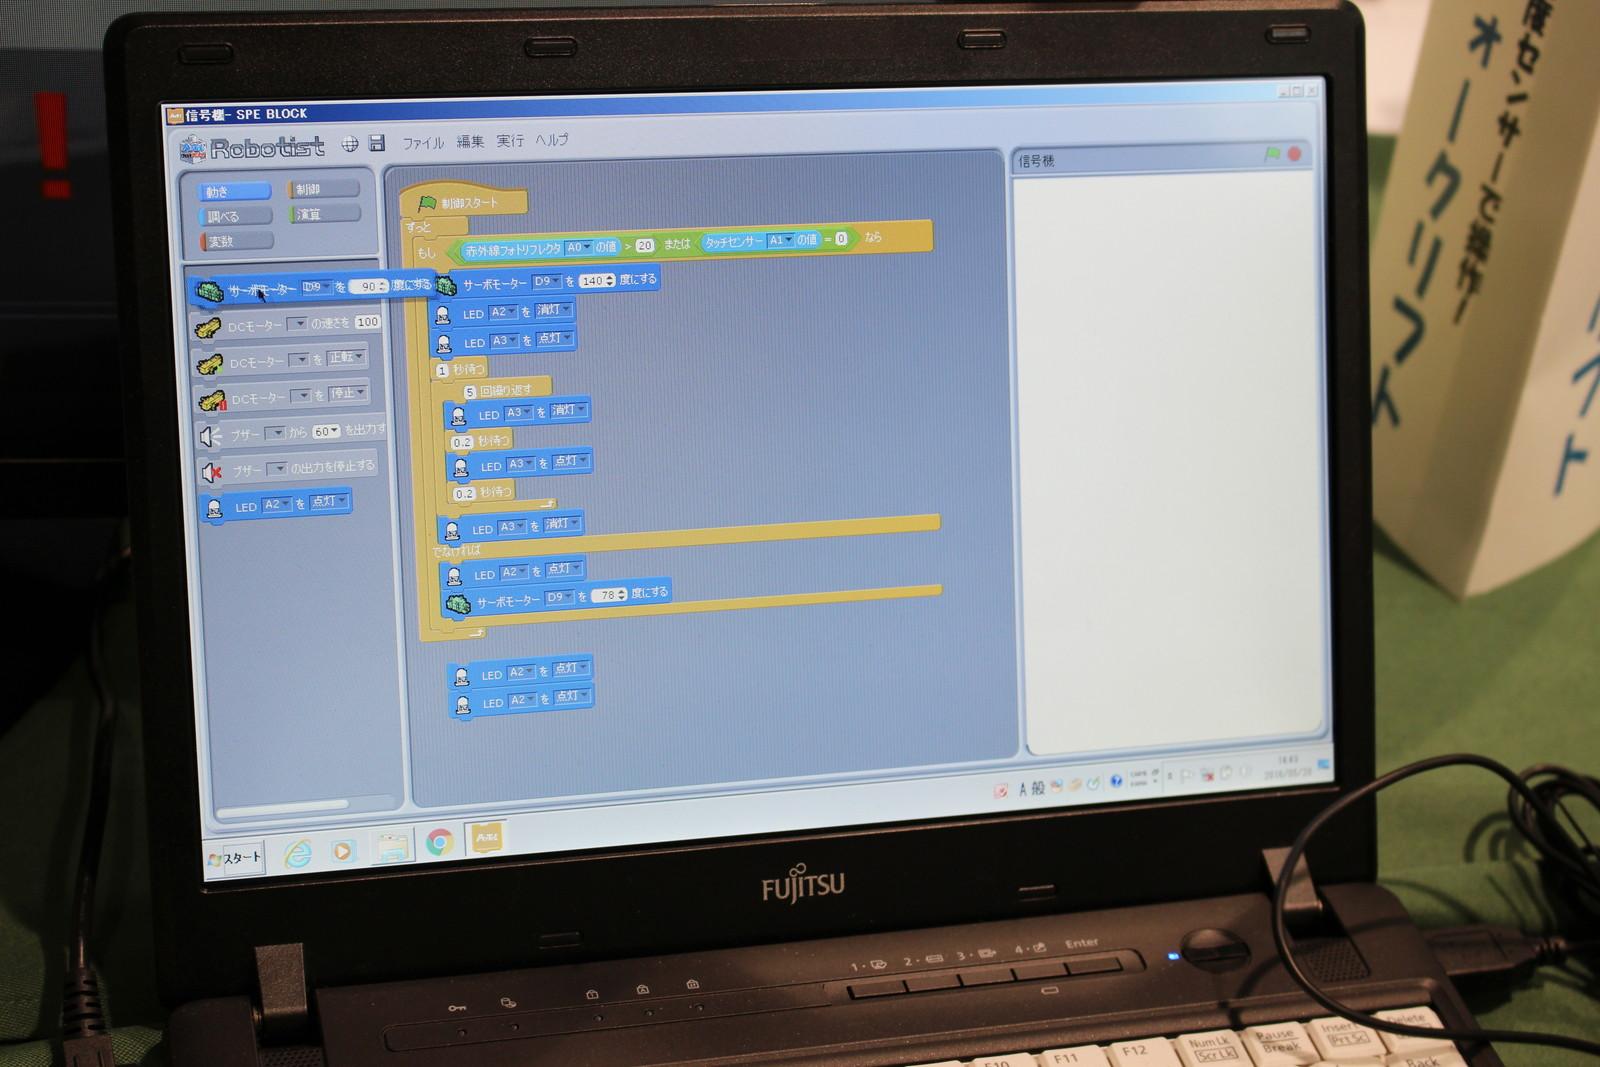 もののしくみ教室ではScratchベースのソフトを使用。ブロックを組み合わせて動きを制御する